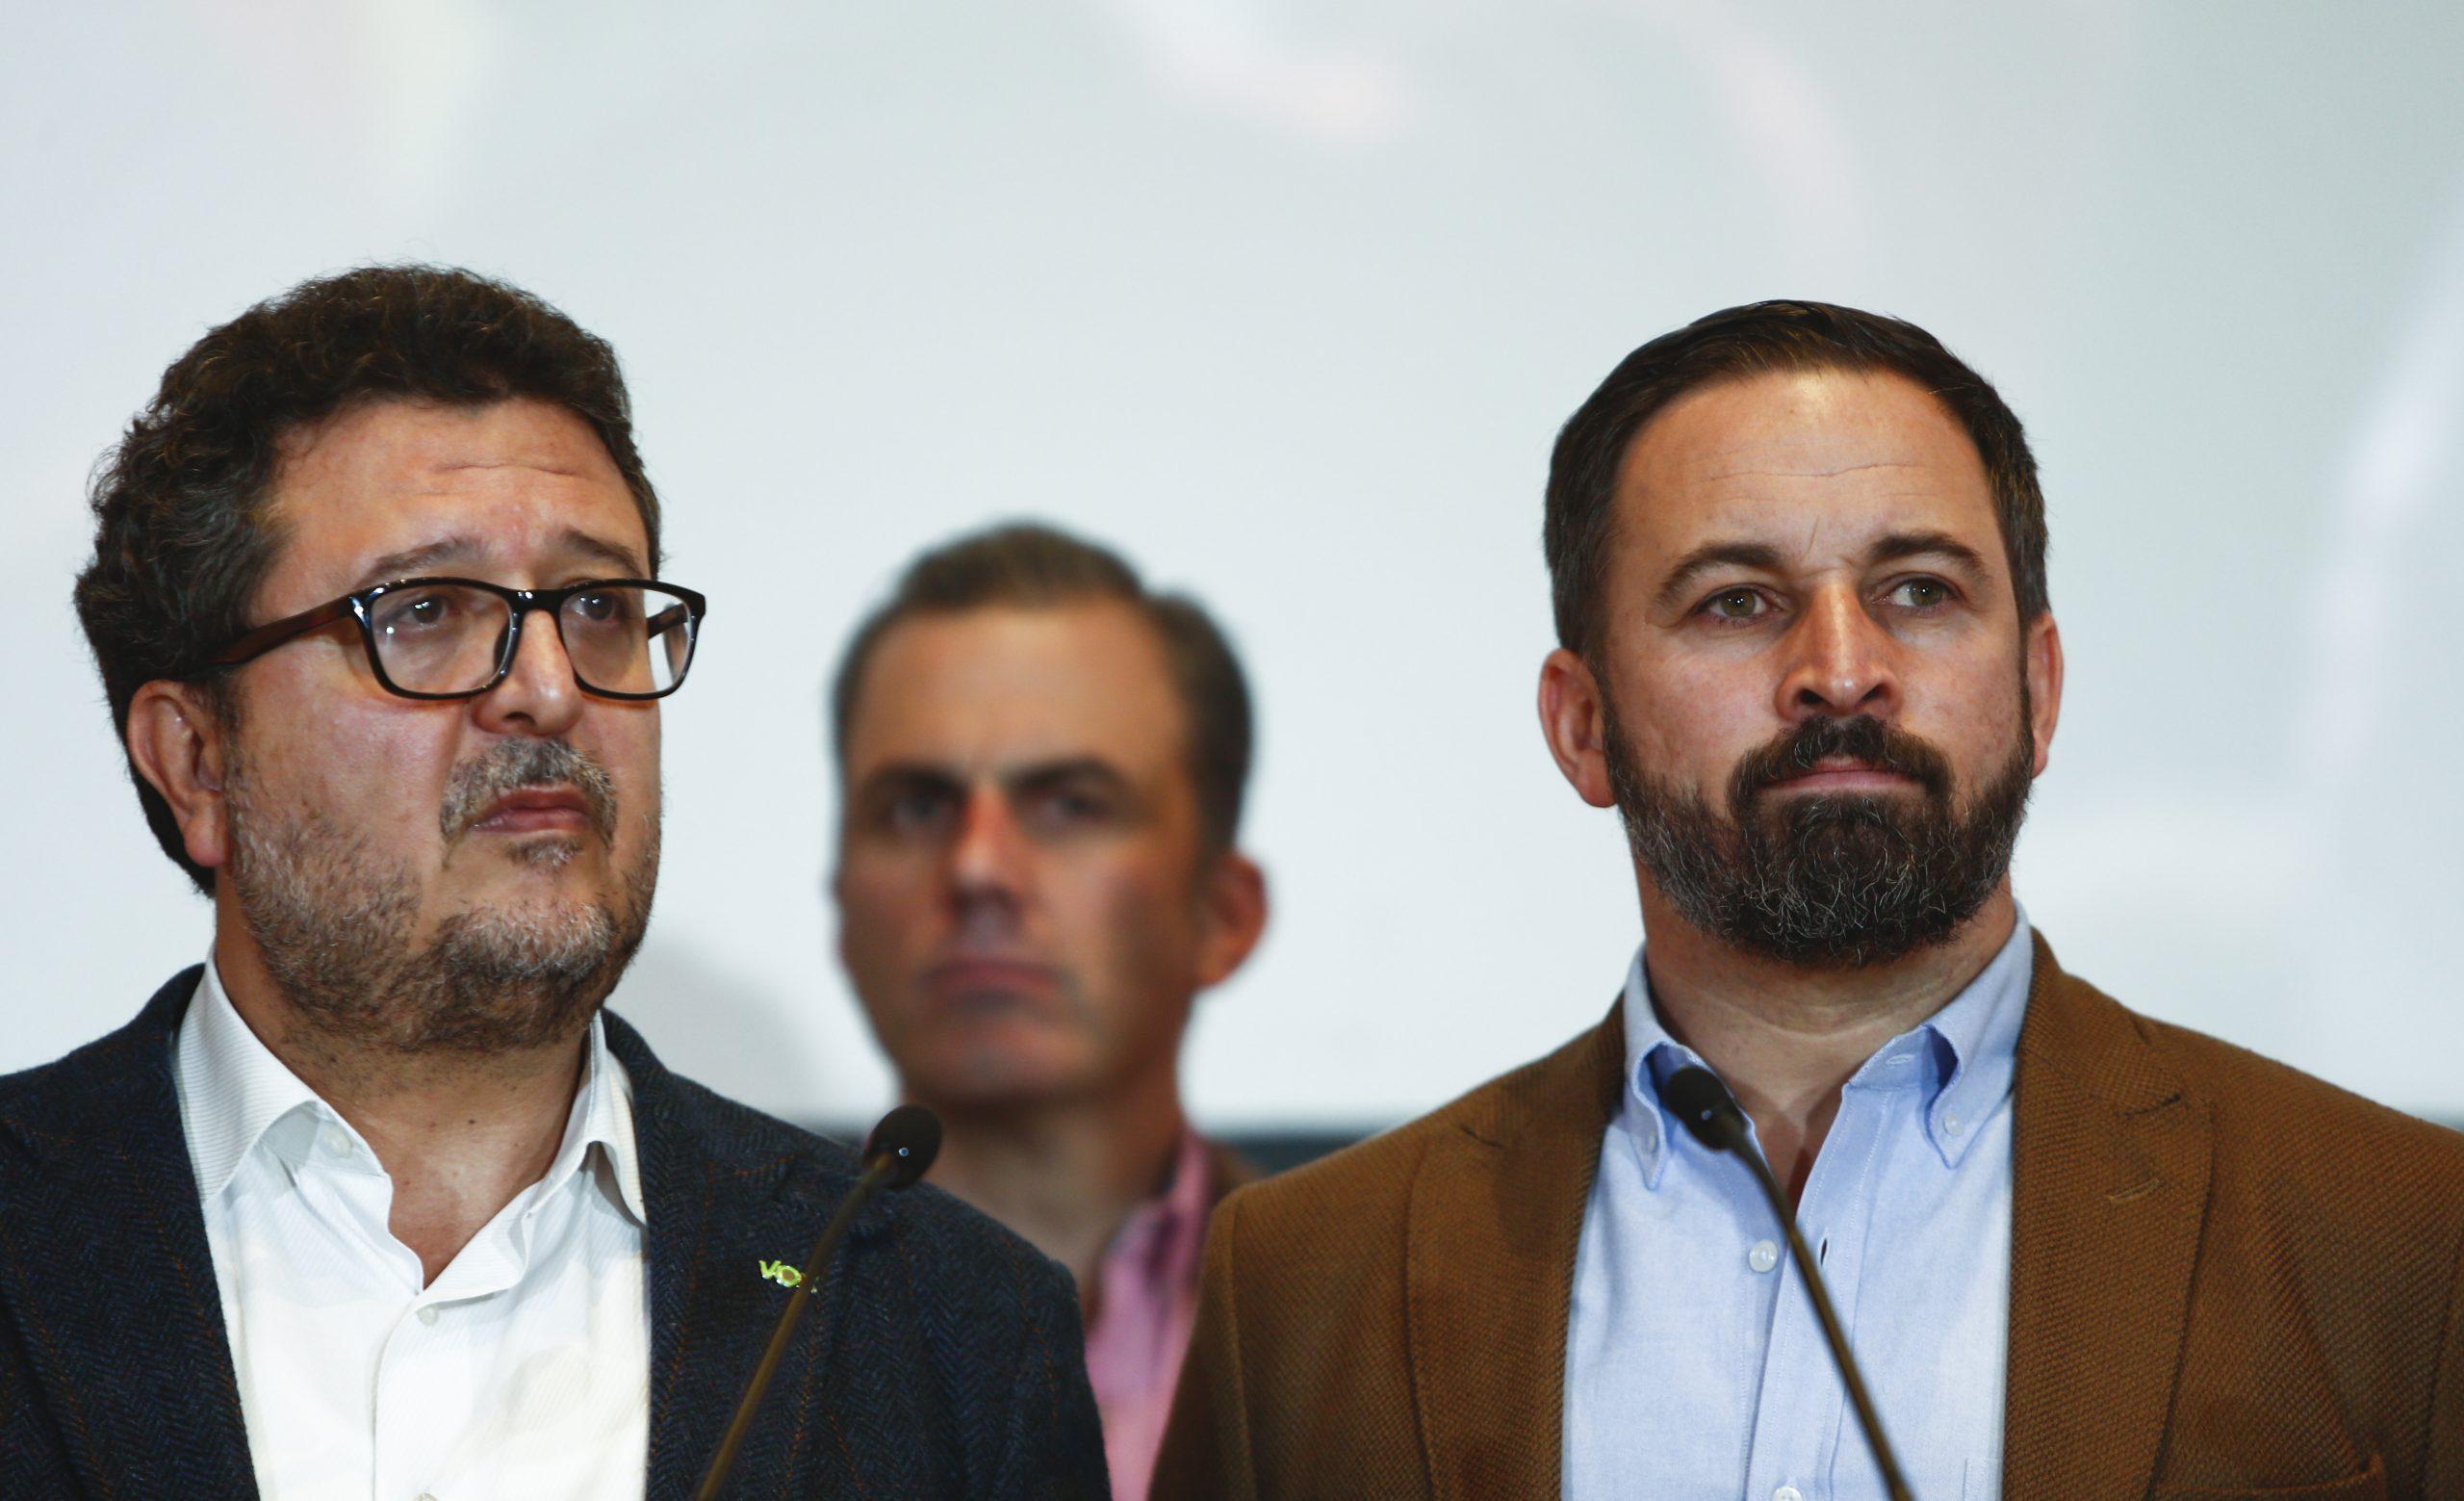 Francisco Serrano y Santiago Abascal de Vox.